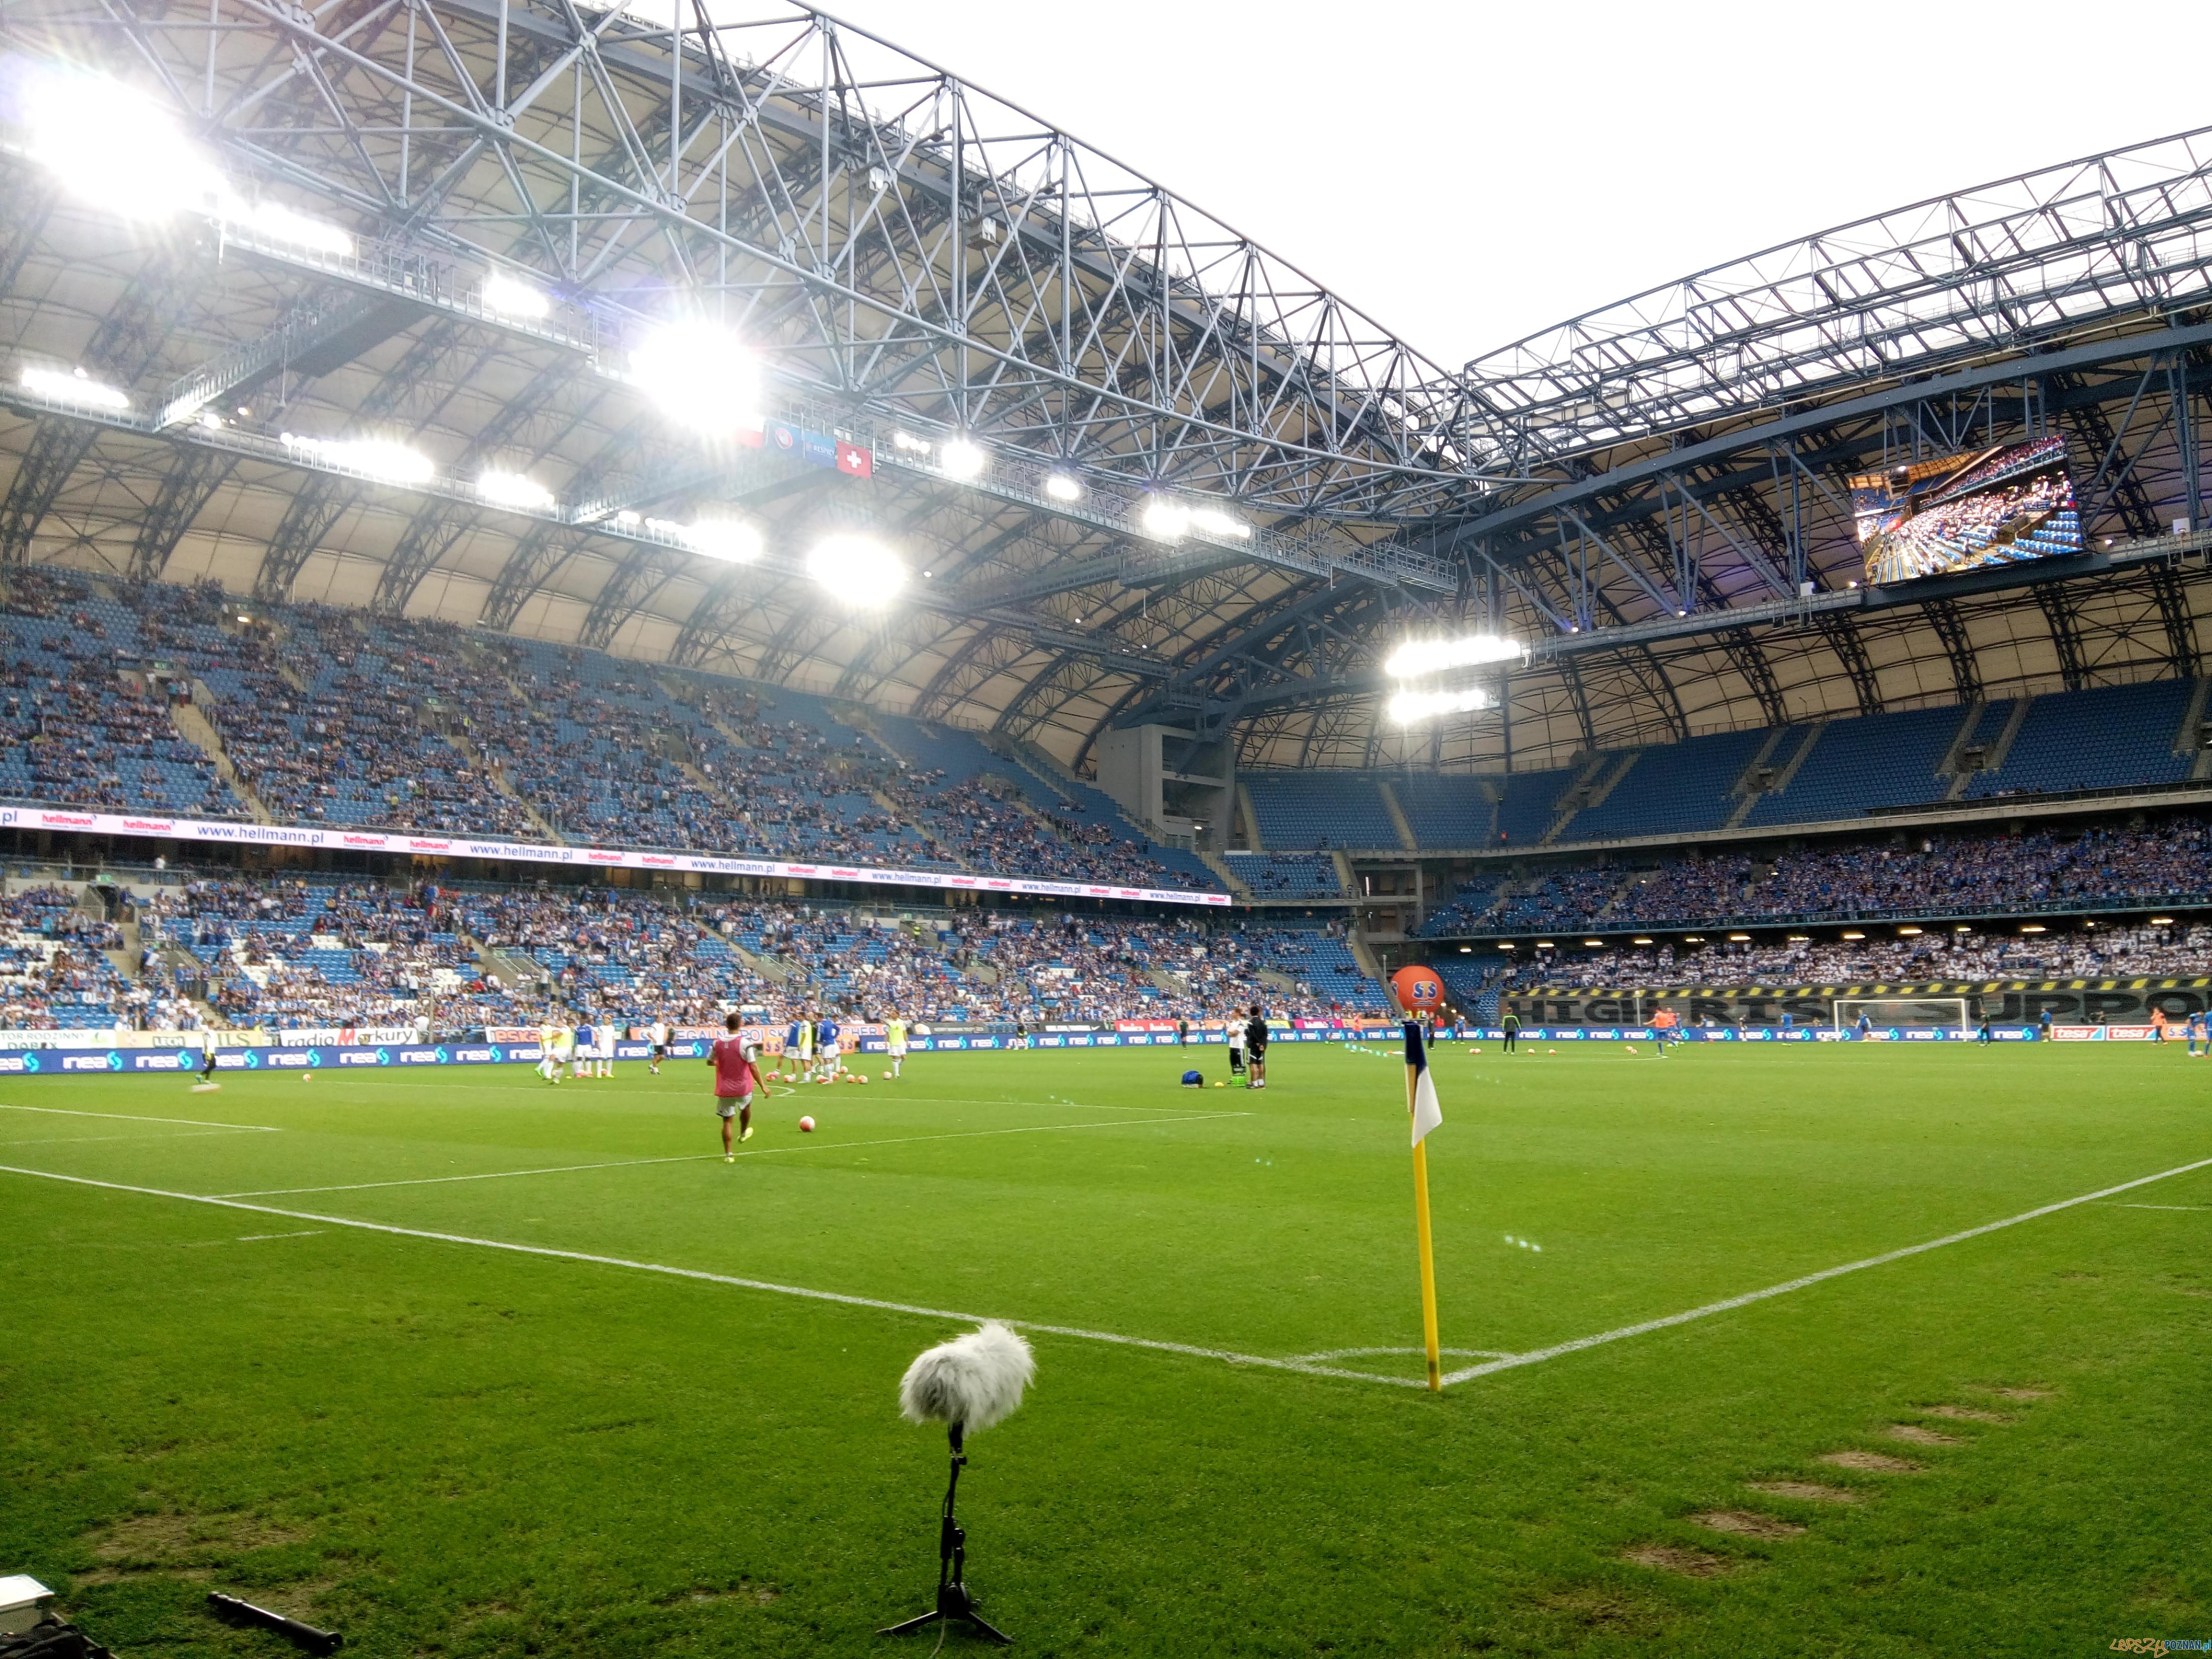 Stadion kilka minut przed meczem Lech - FC Basel  Foto: lepszyPOZNAN.pl / gsm